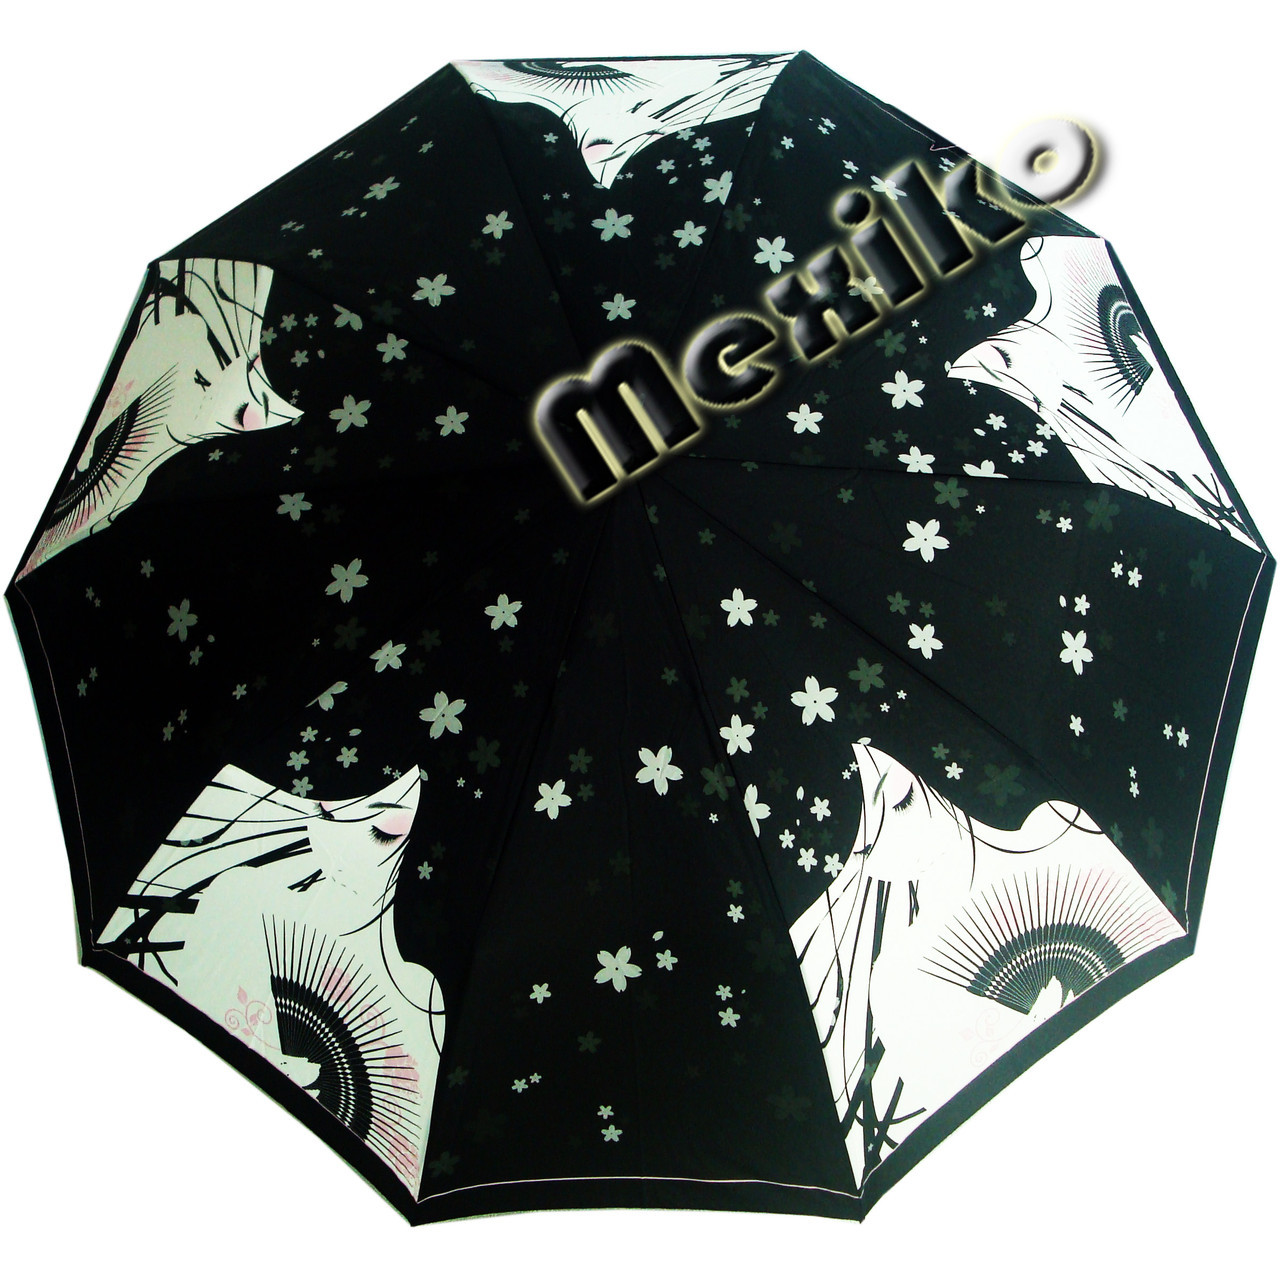 Зонт ZEST, полуавтомат серия 10 спиц, расцветка Девушка с веером